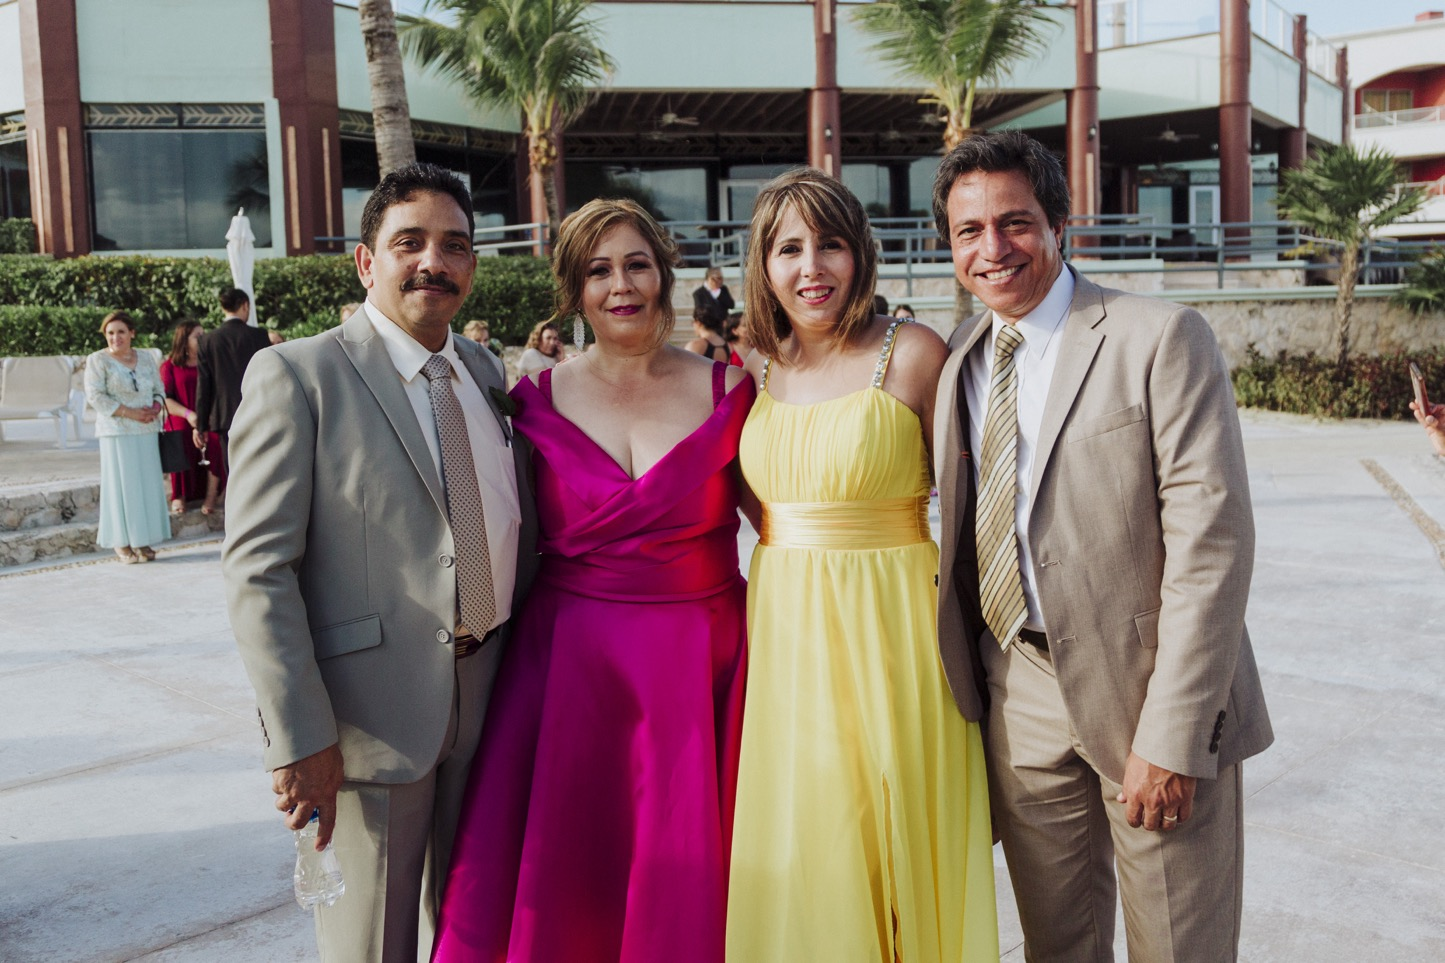 fotografo_bodas_profesional_zacatecas_riviera_maya_cancun-253